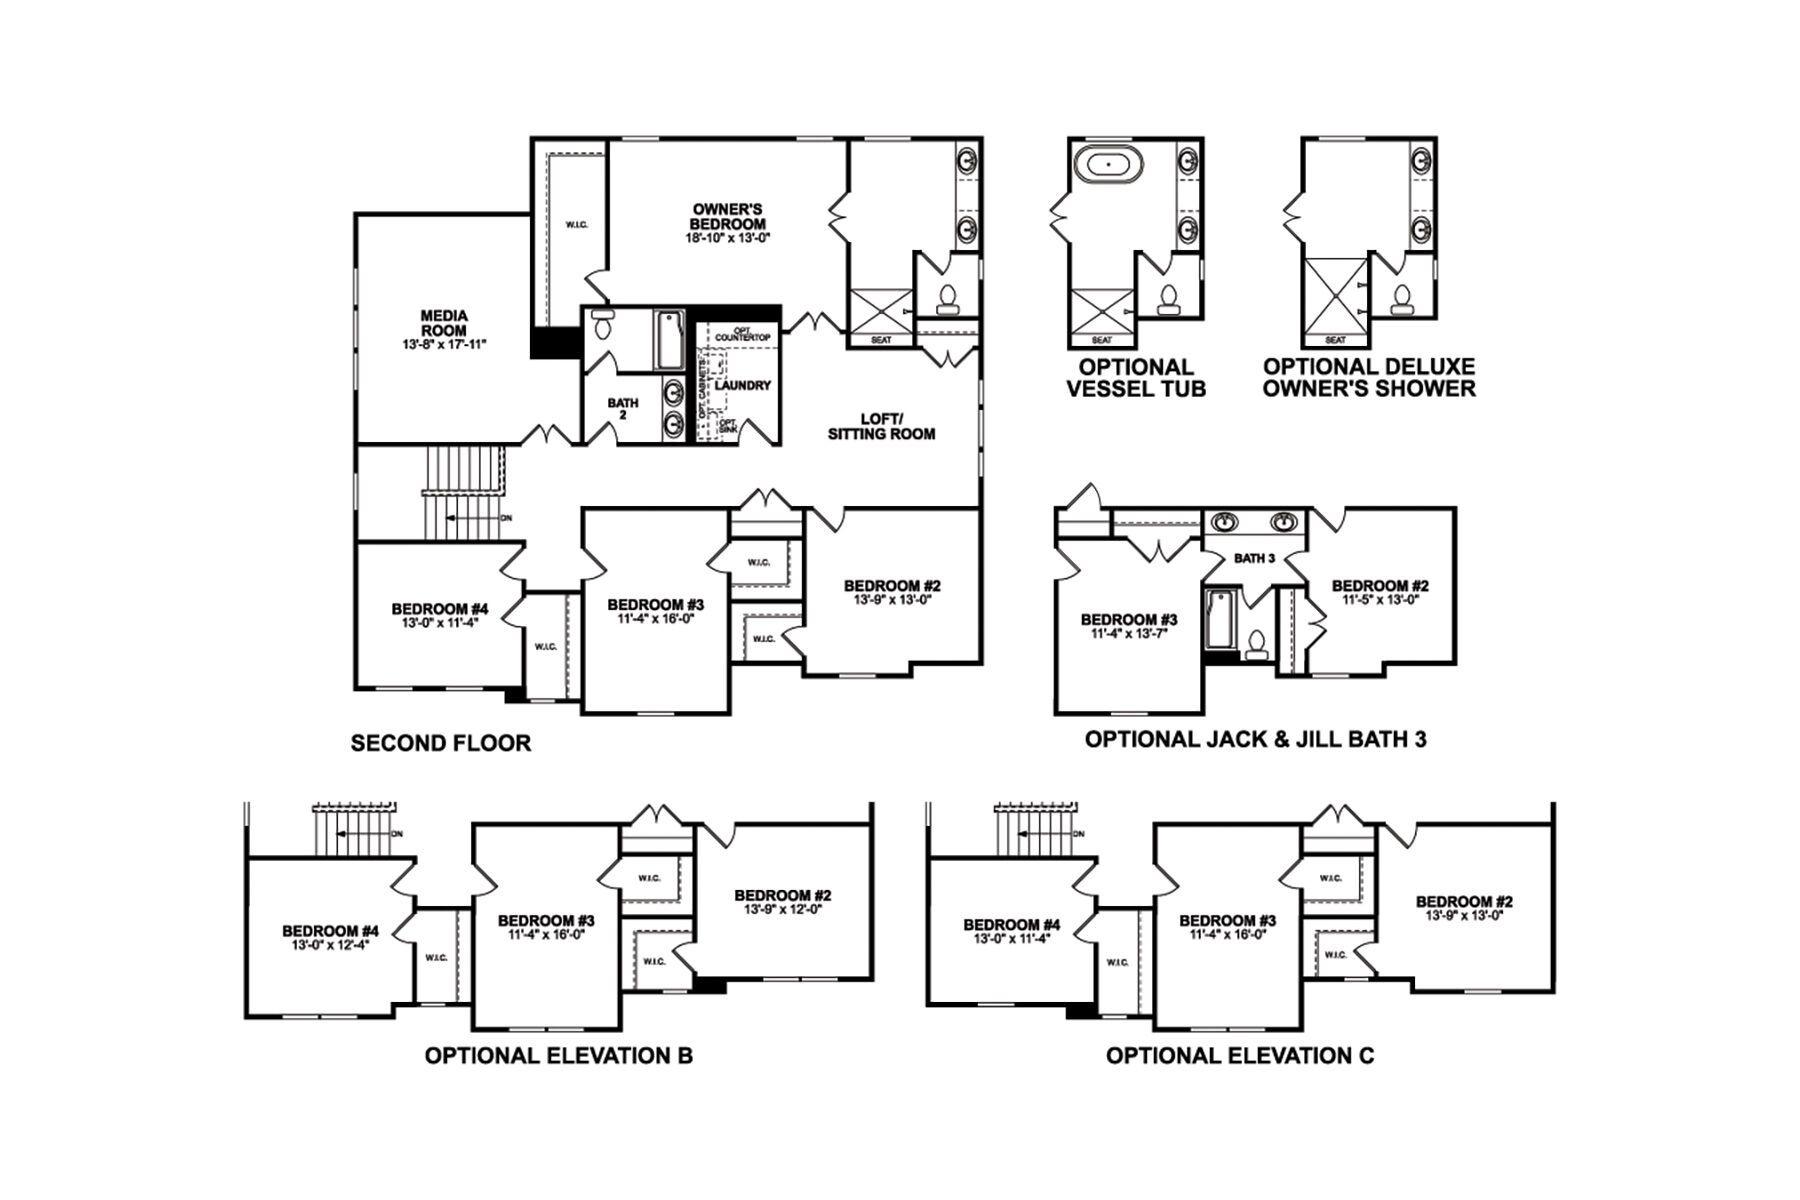 RAL-Langley-Masterplan-Floorplan